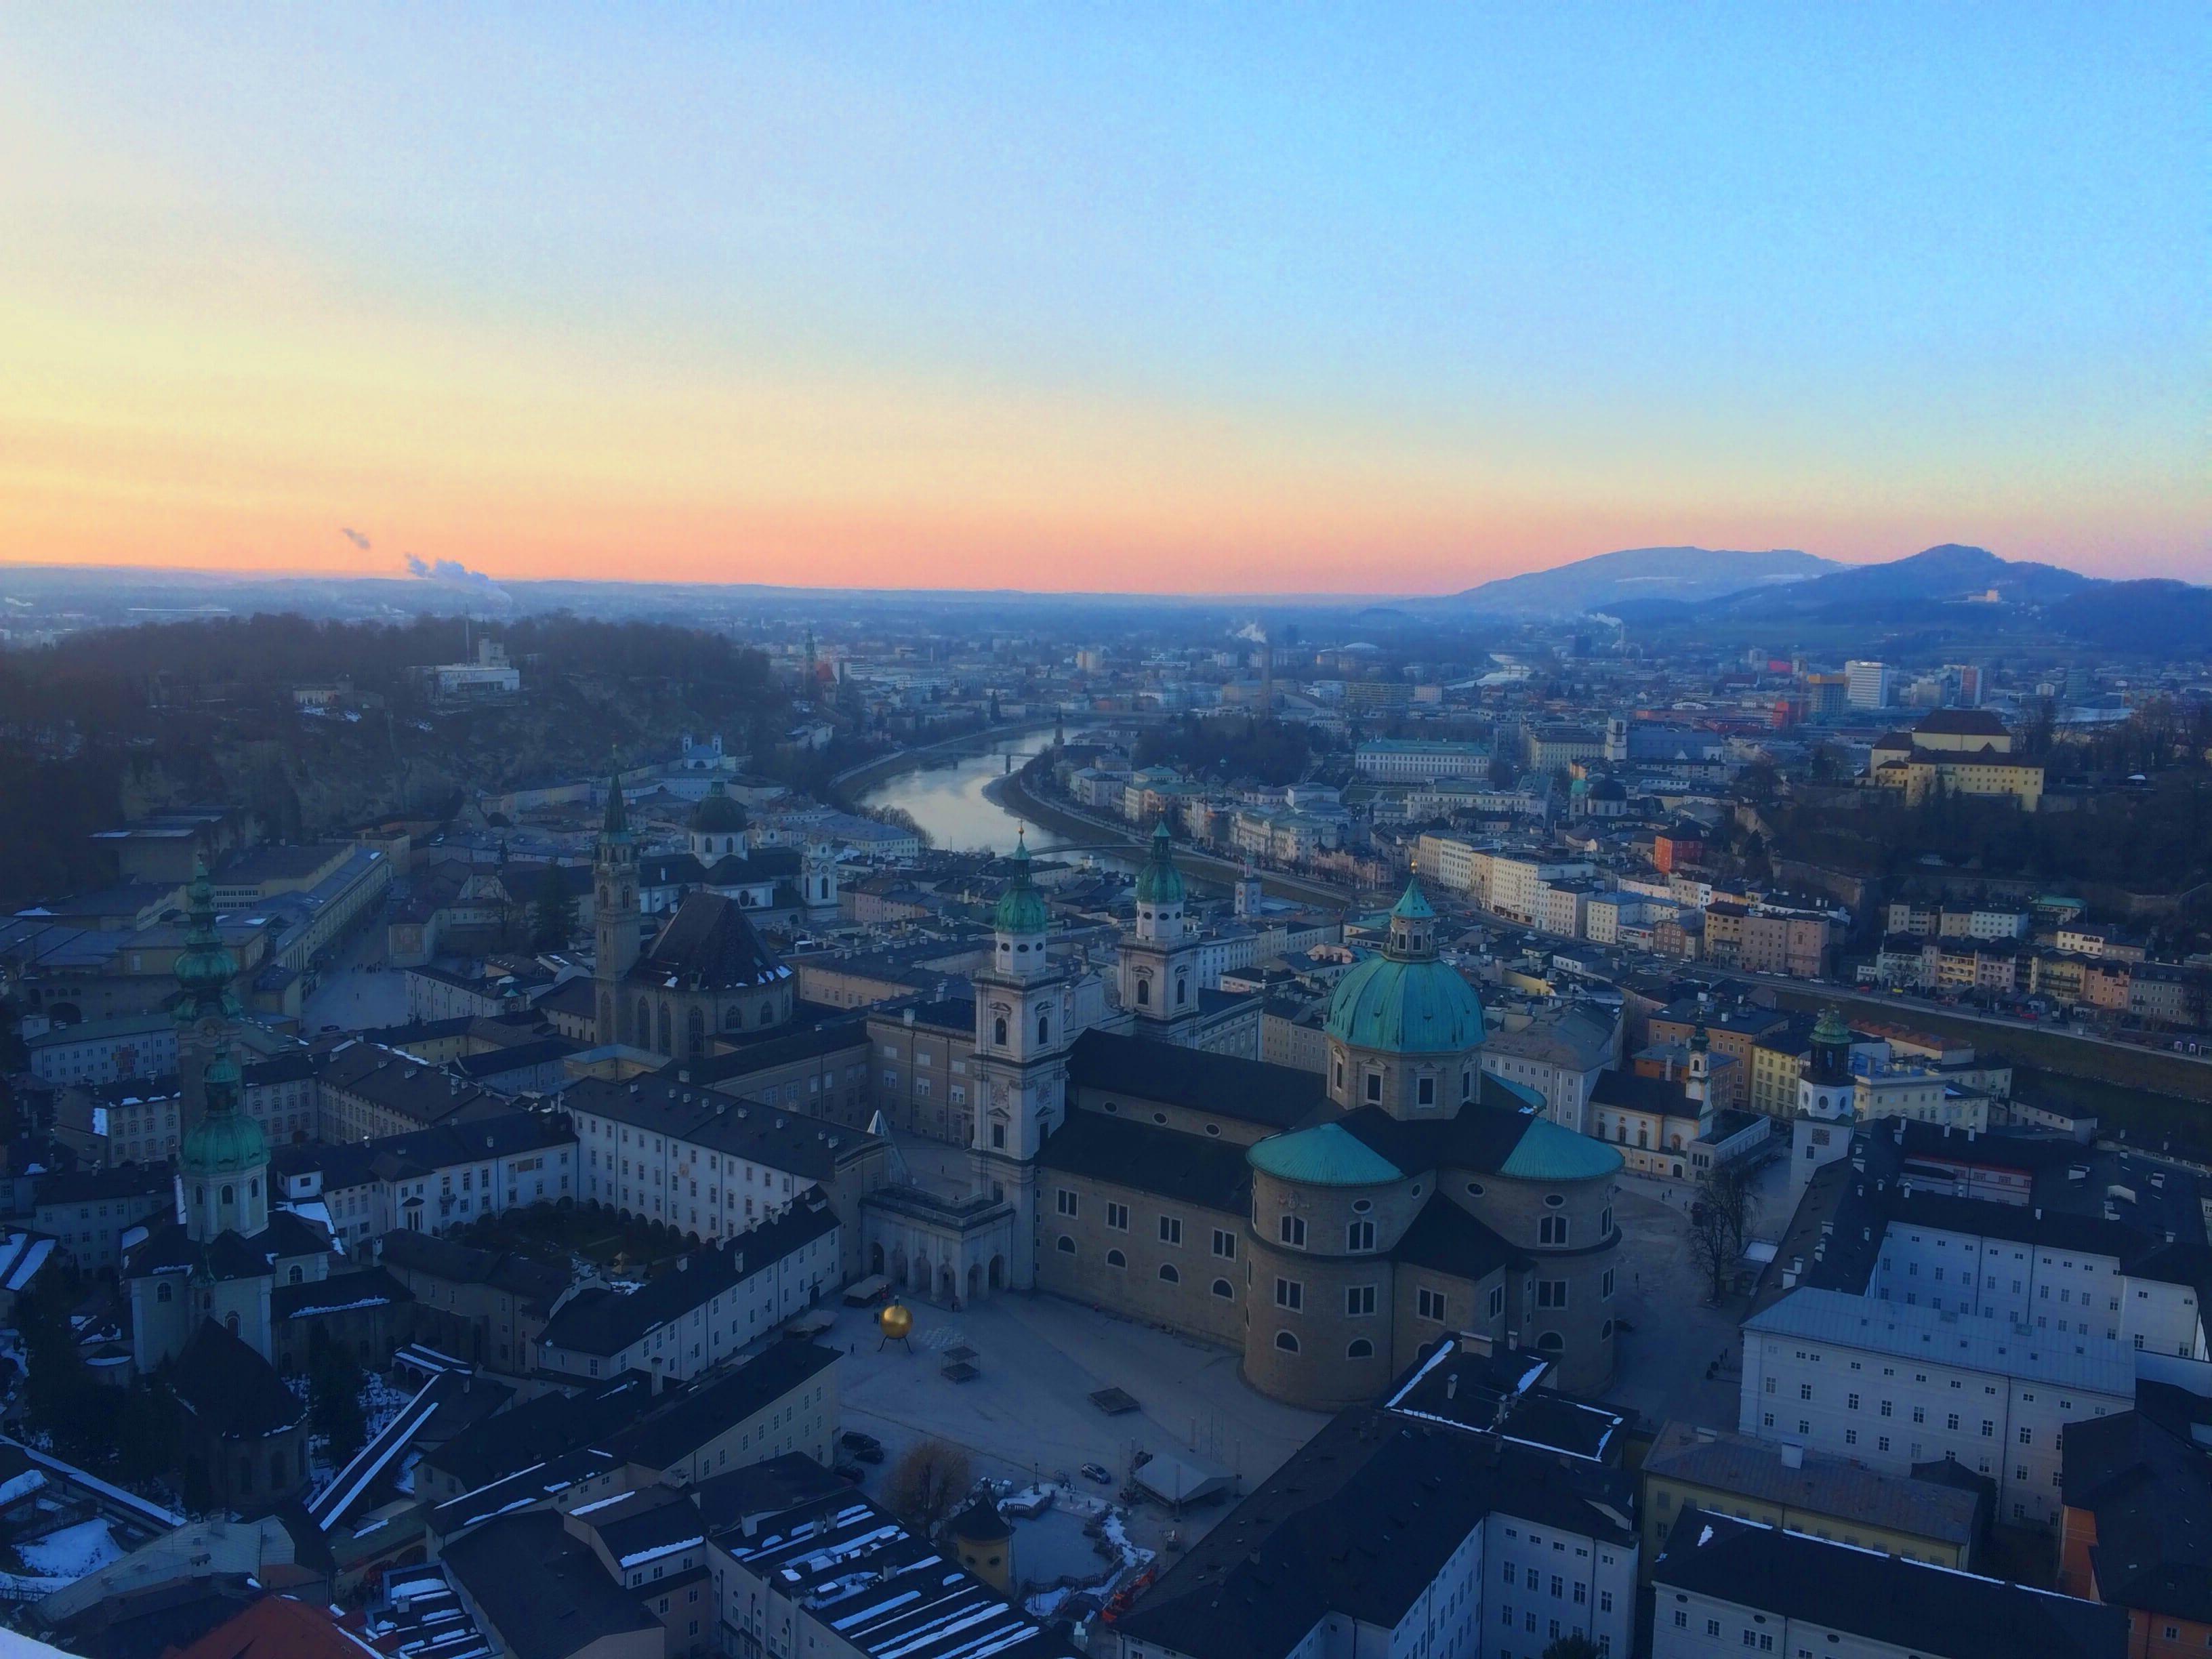 Abenddämmerung in Salzburg